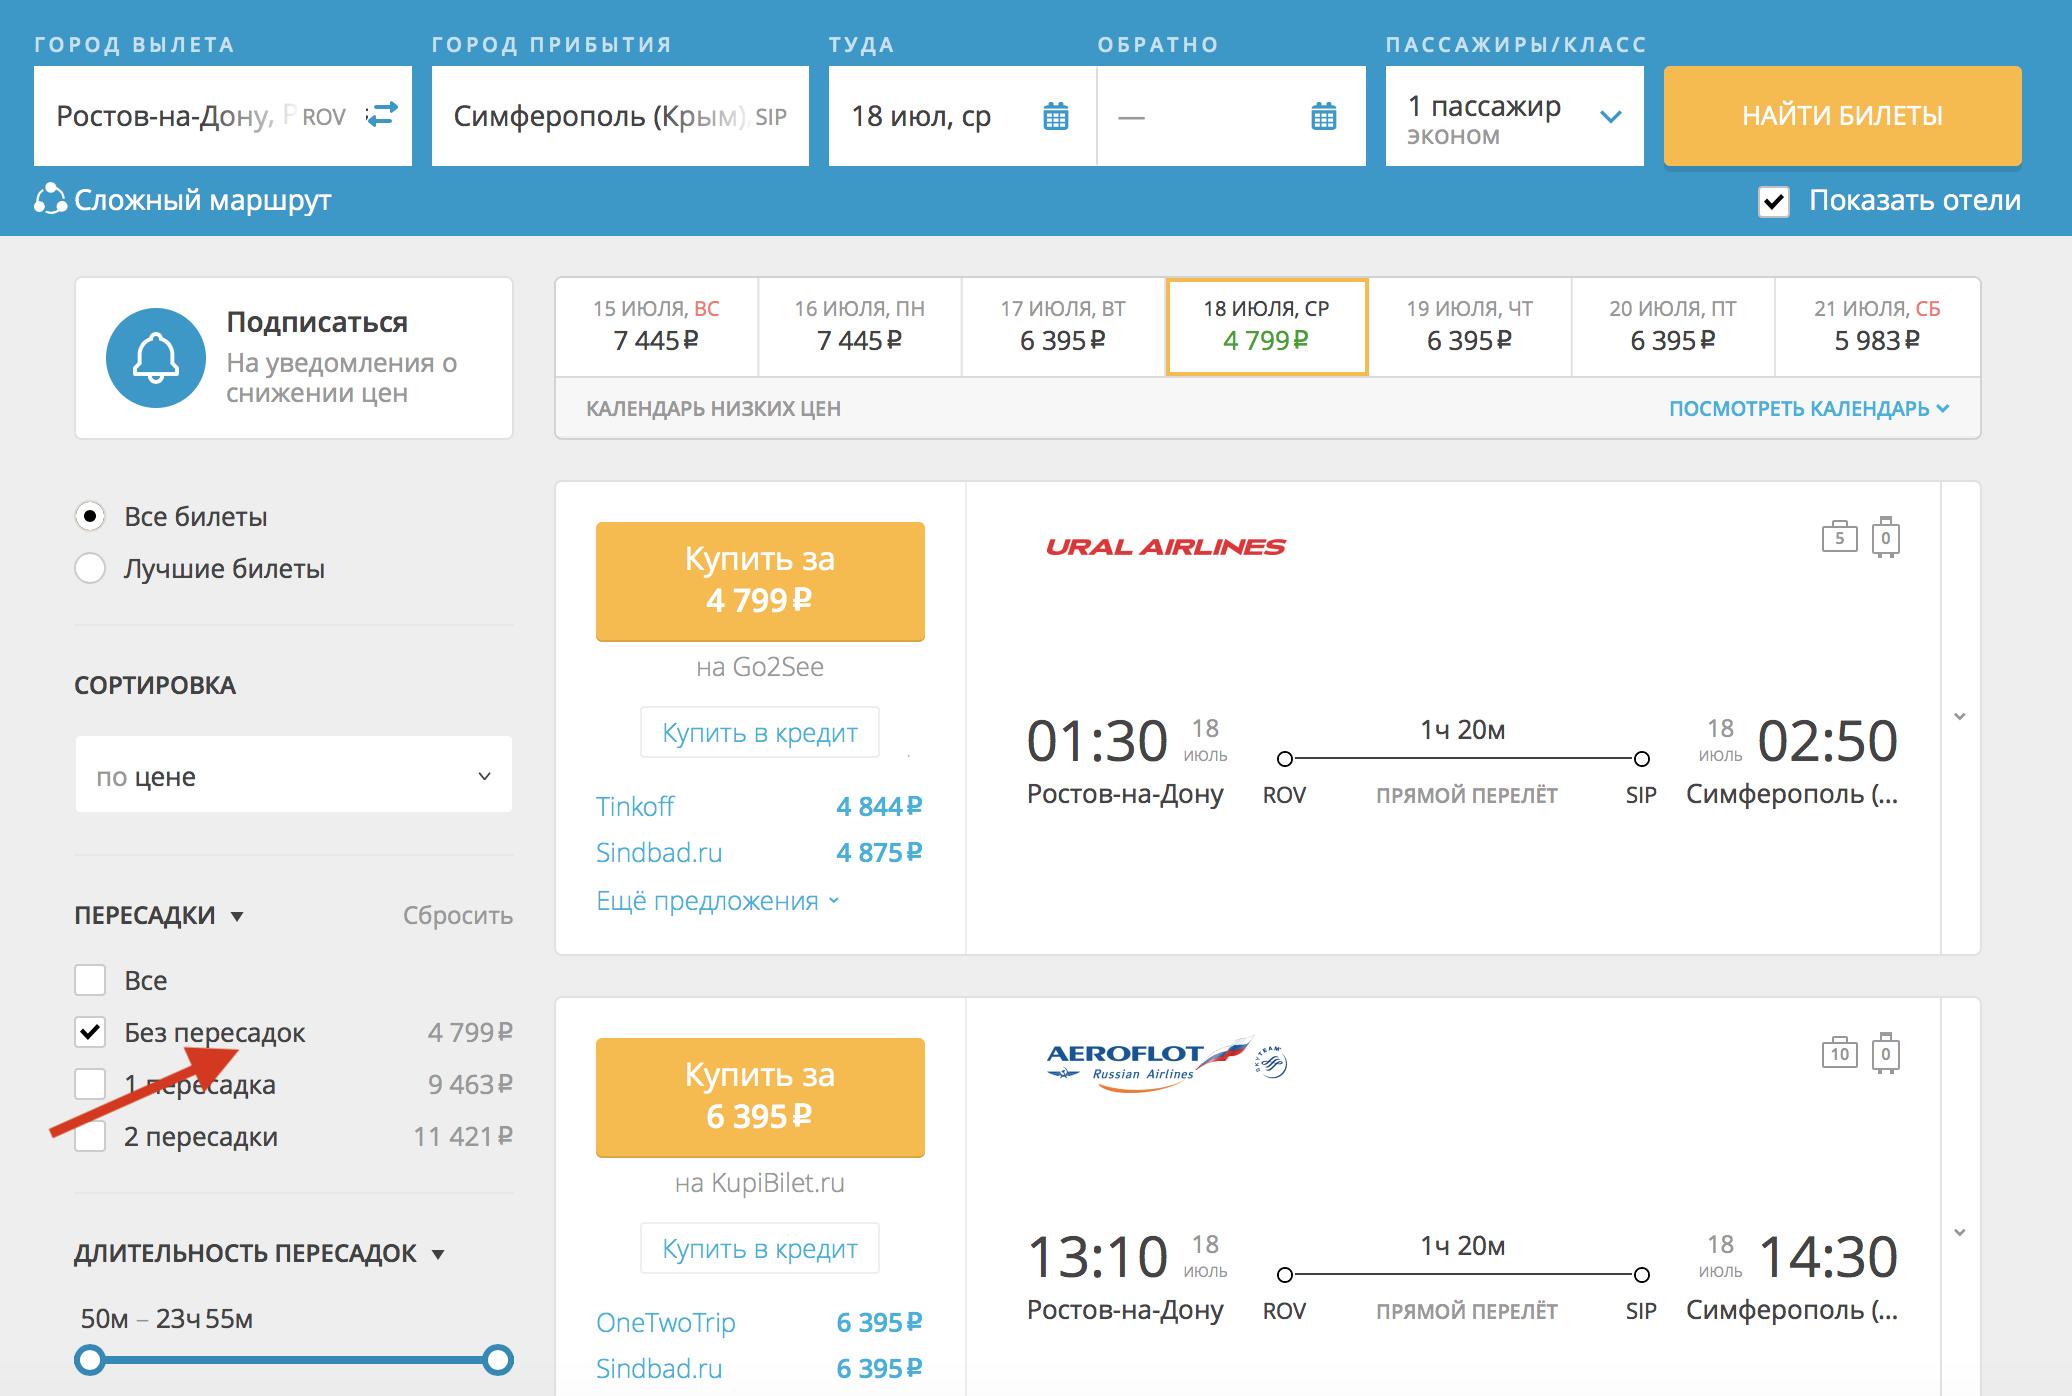 Авиабилеты купить ростов симферополь стоимость билета на самолете рейс симферополь новосибирск